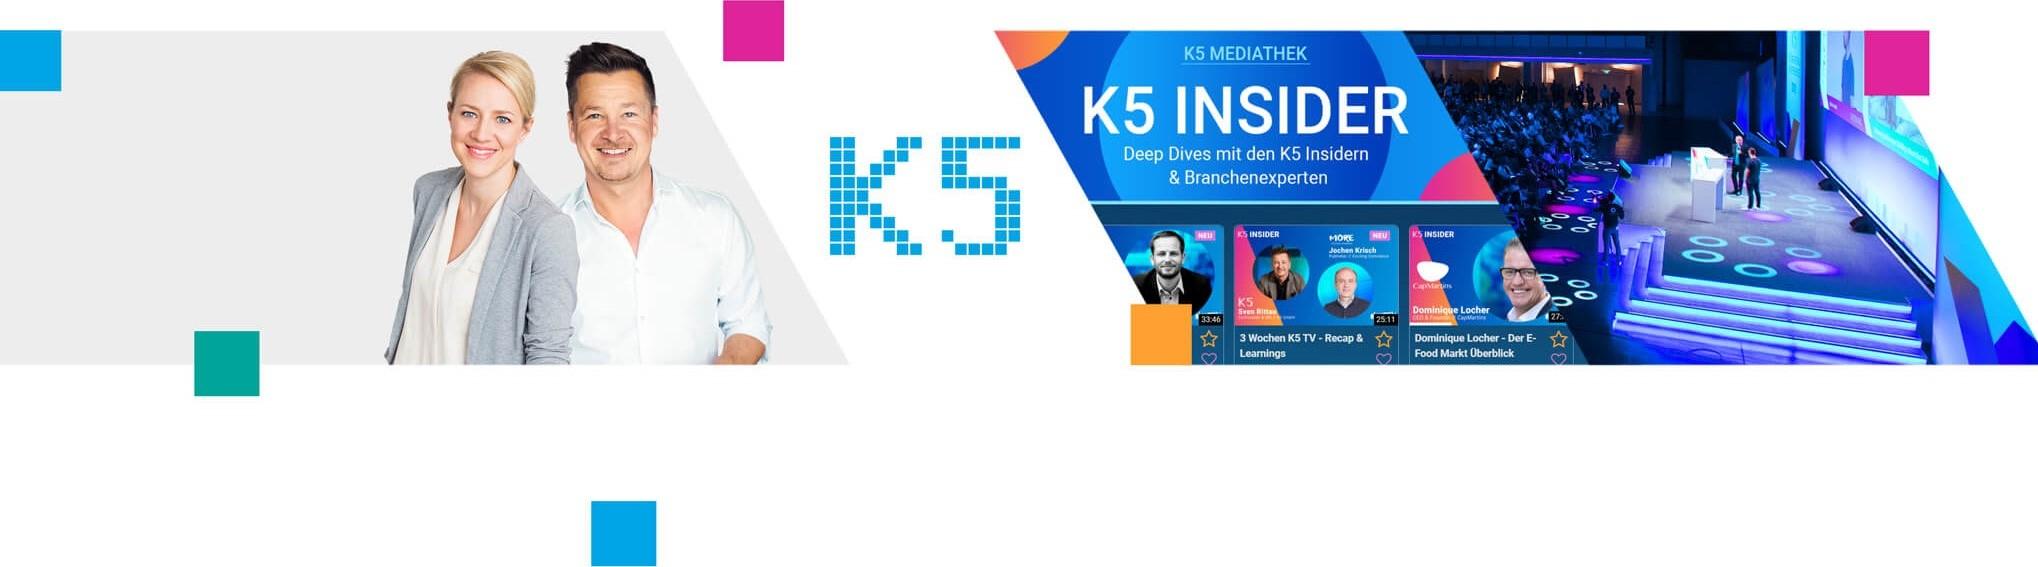 Die K5 Welt mit dem K5 KLUB der K5 Konferenz und unserem Streamingangebot